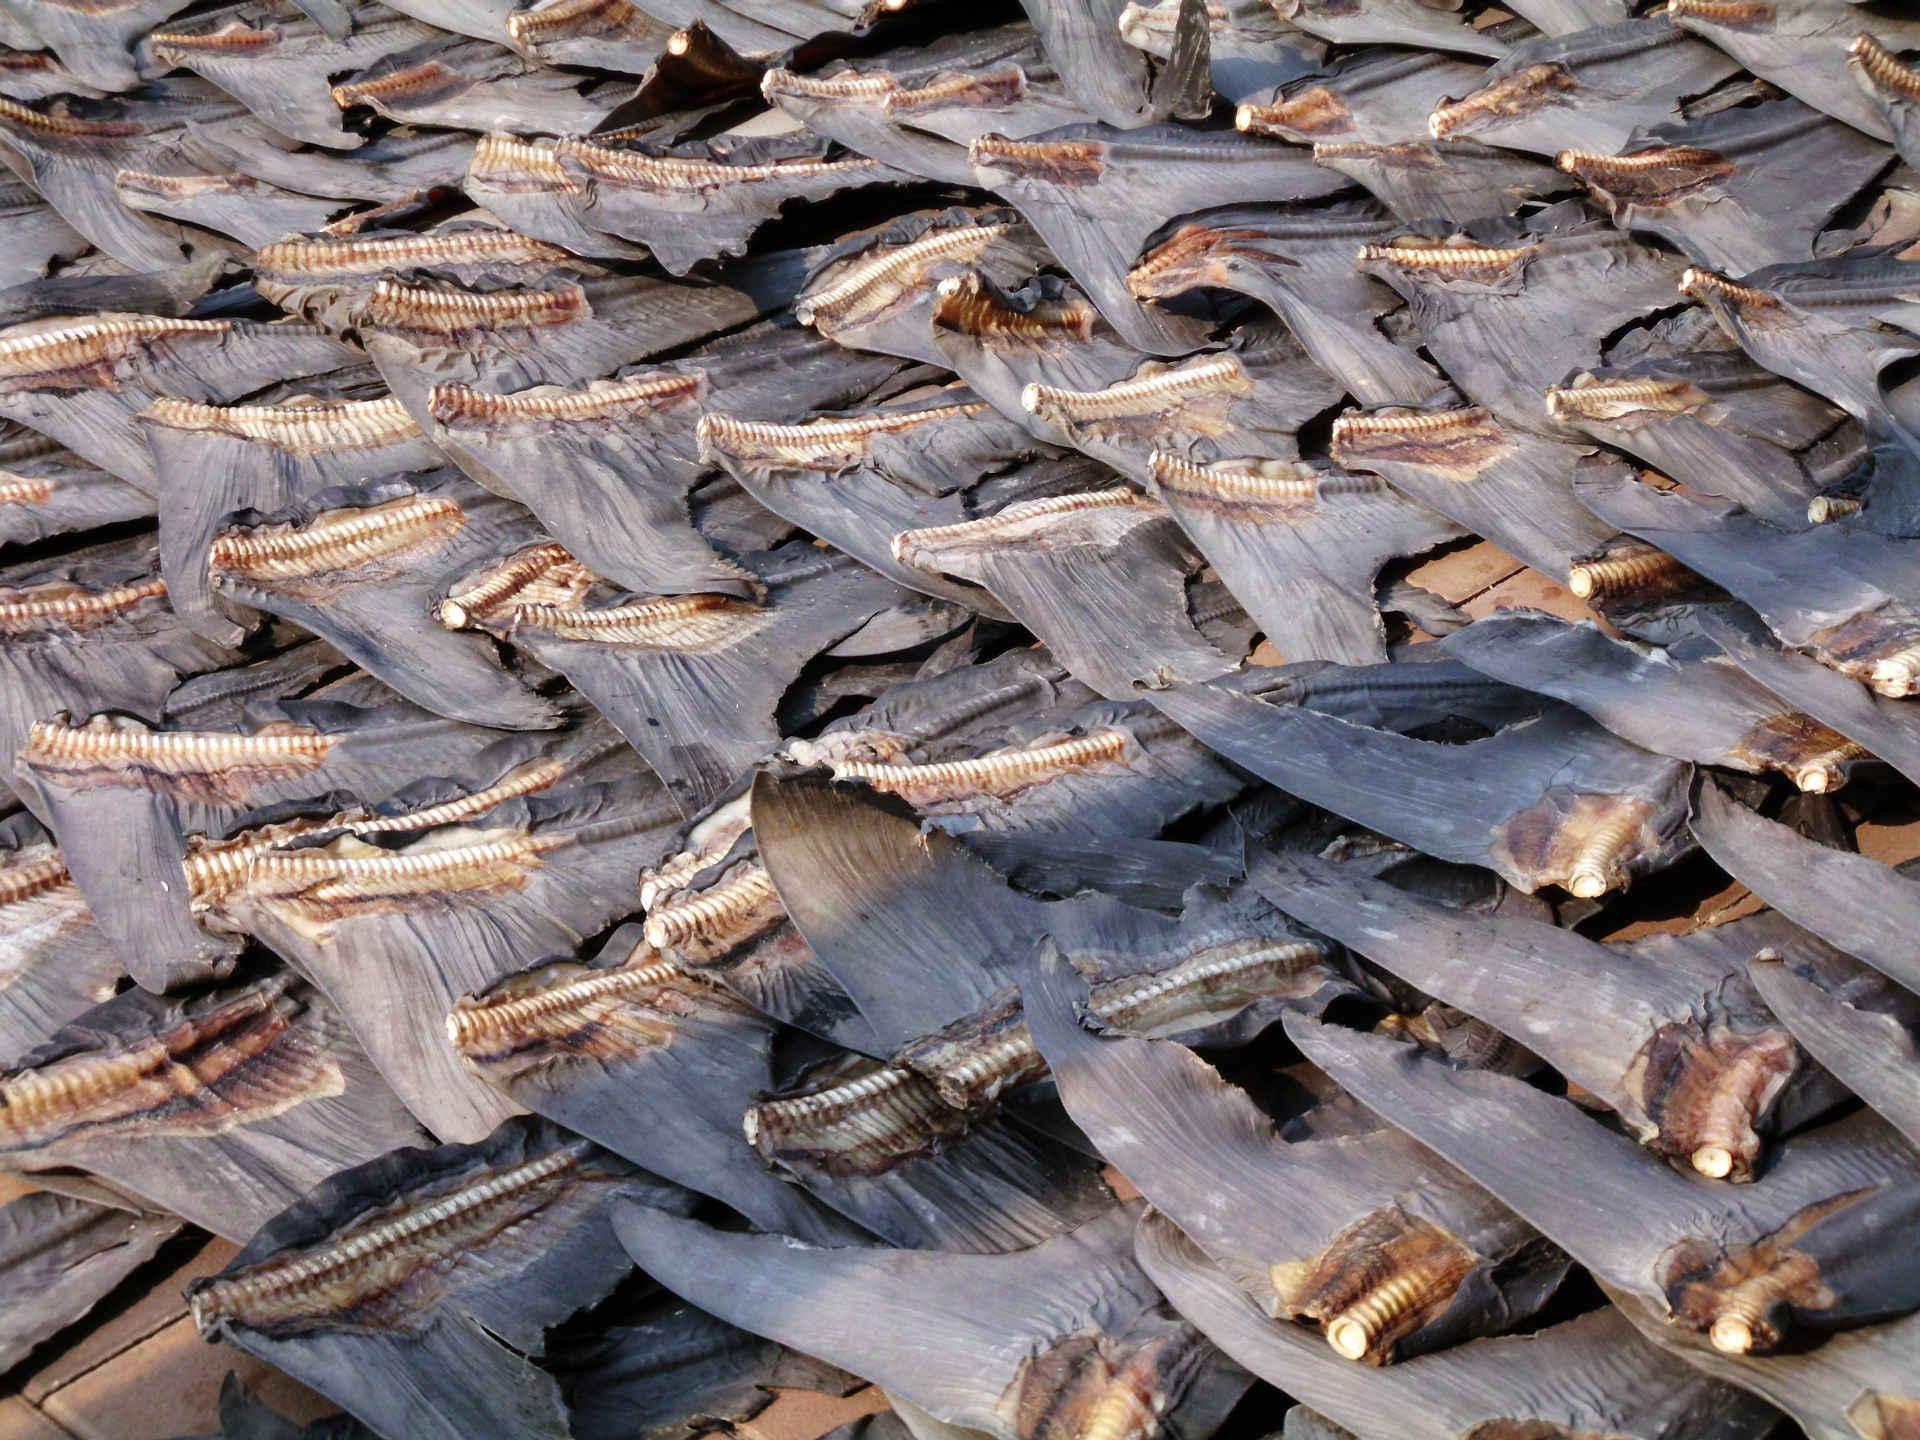 Hai Flossen: Hunderte zum Trocknenn ausgelegt, Hong kKong